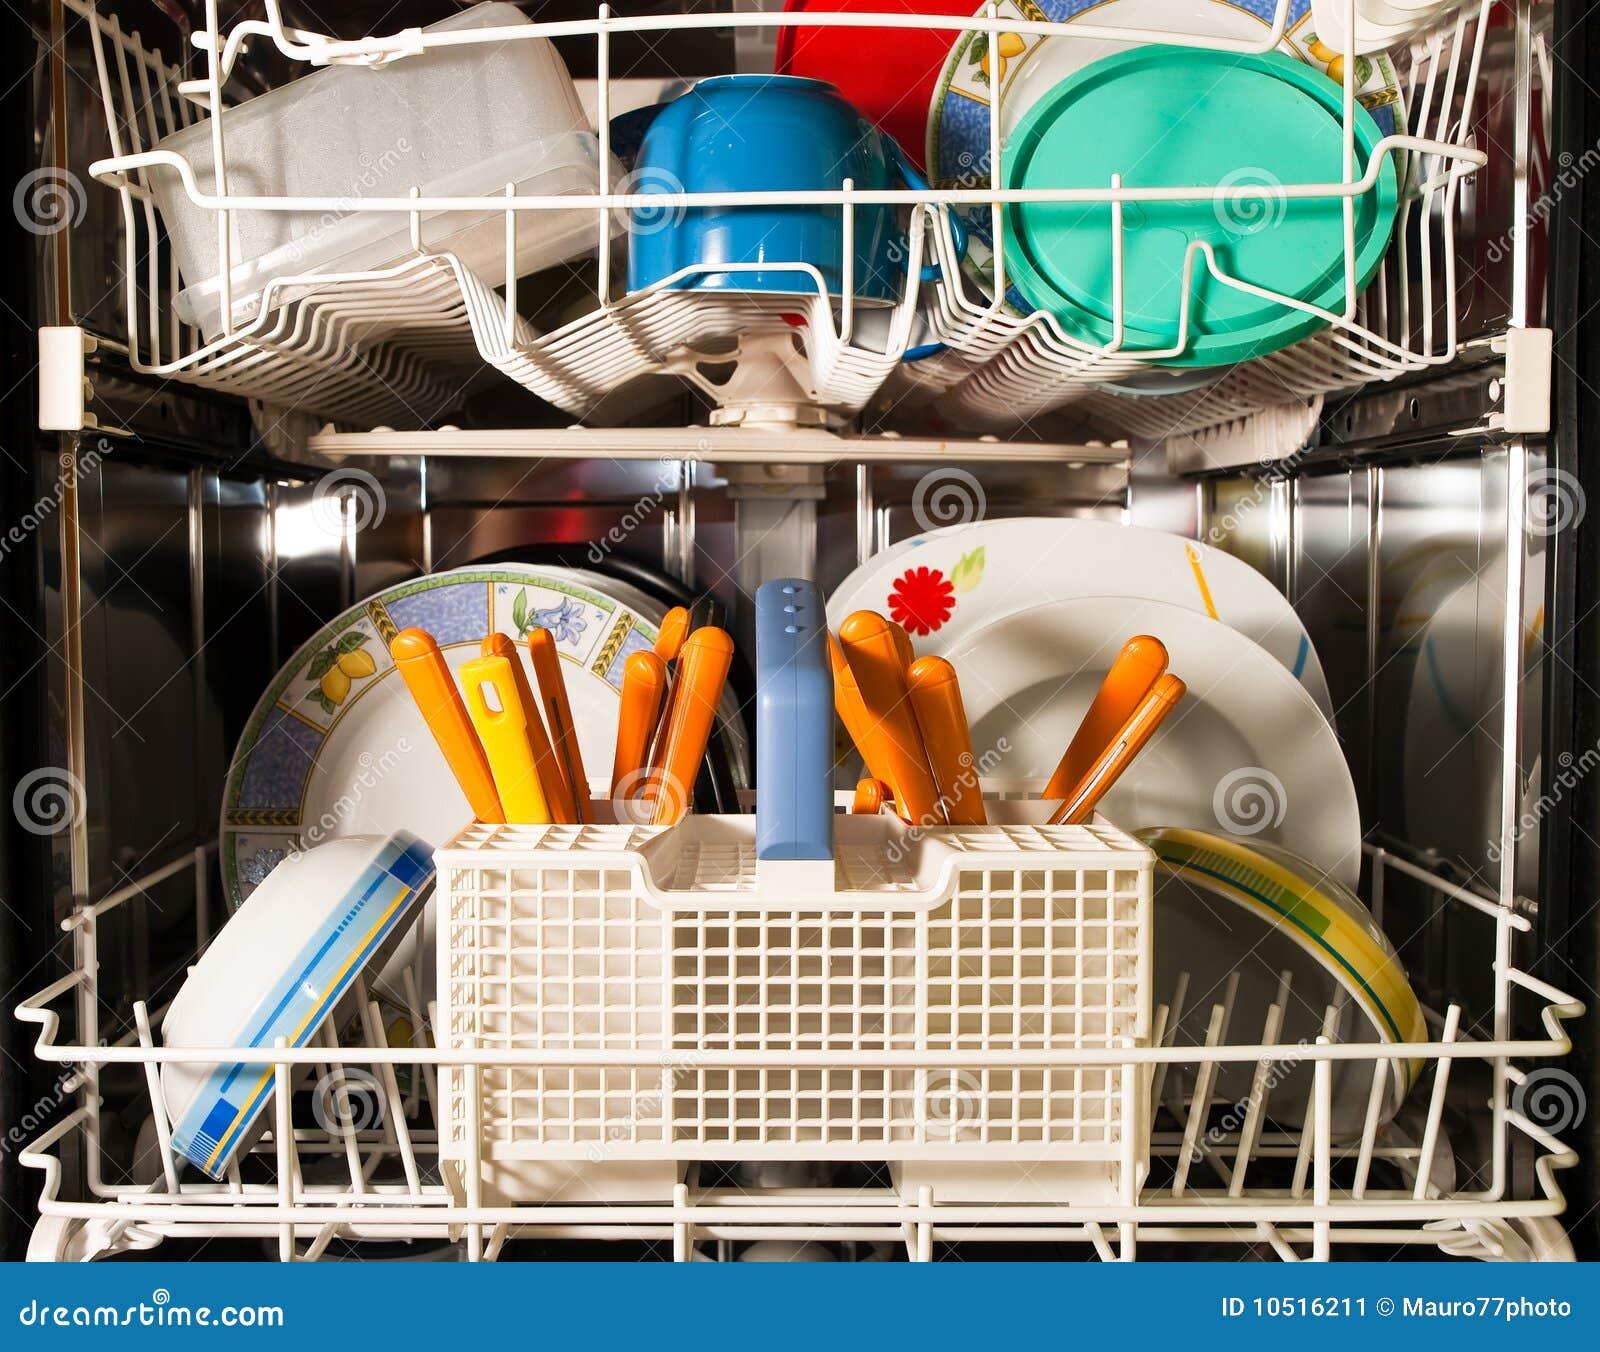 洗碗机厨房